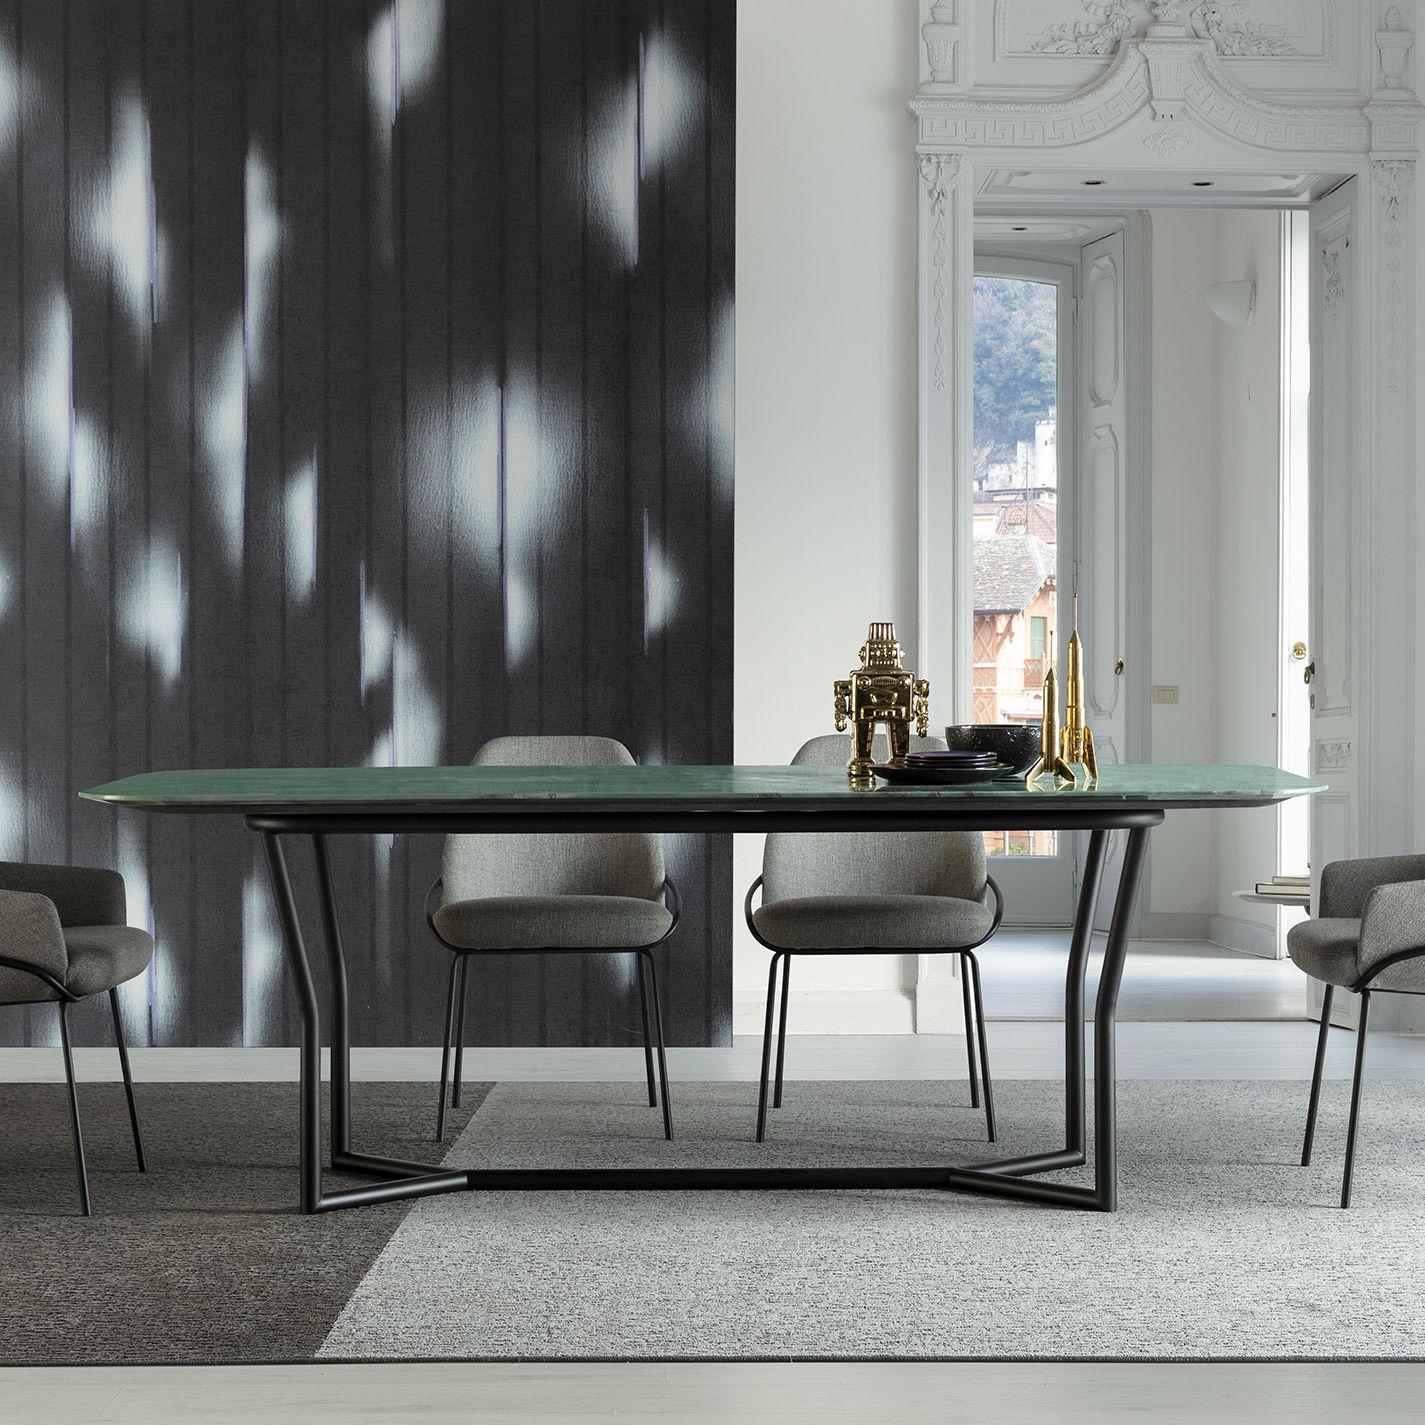 Tavolo da pranzo design originale - CJ - BERTO SALOTTI ...